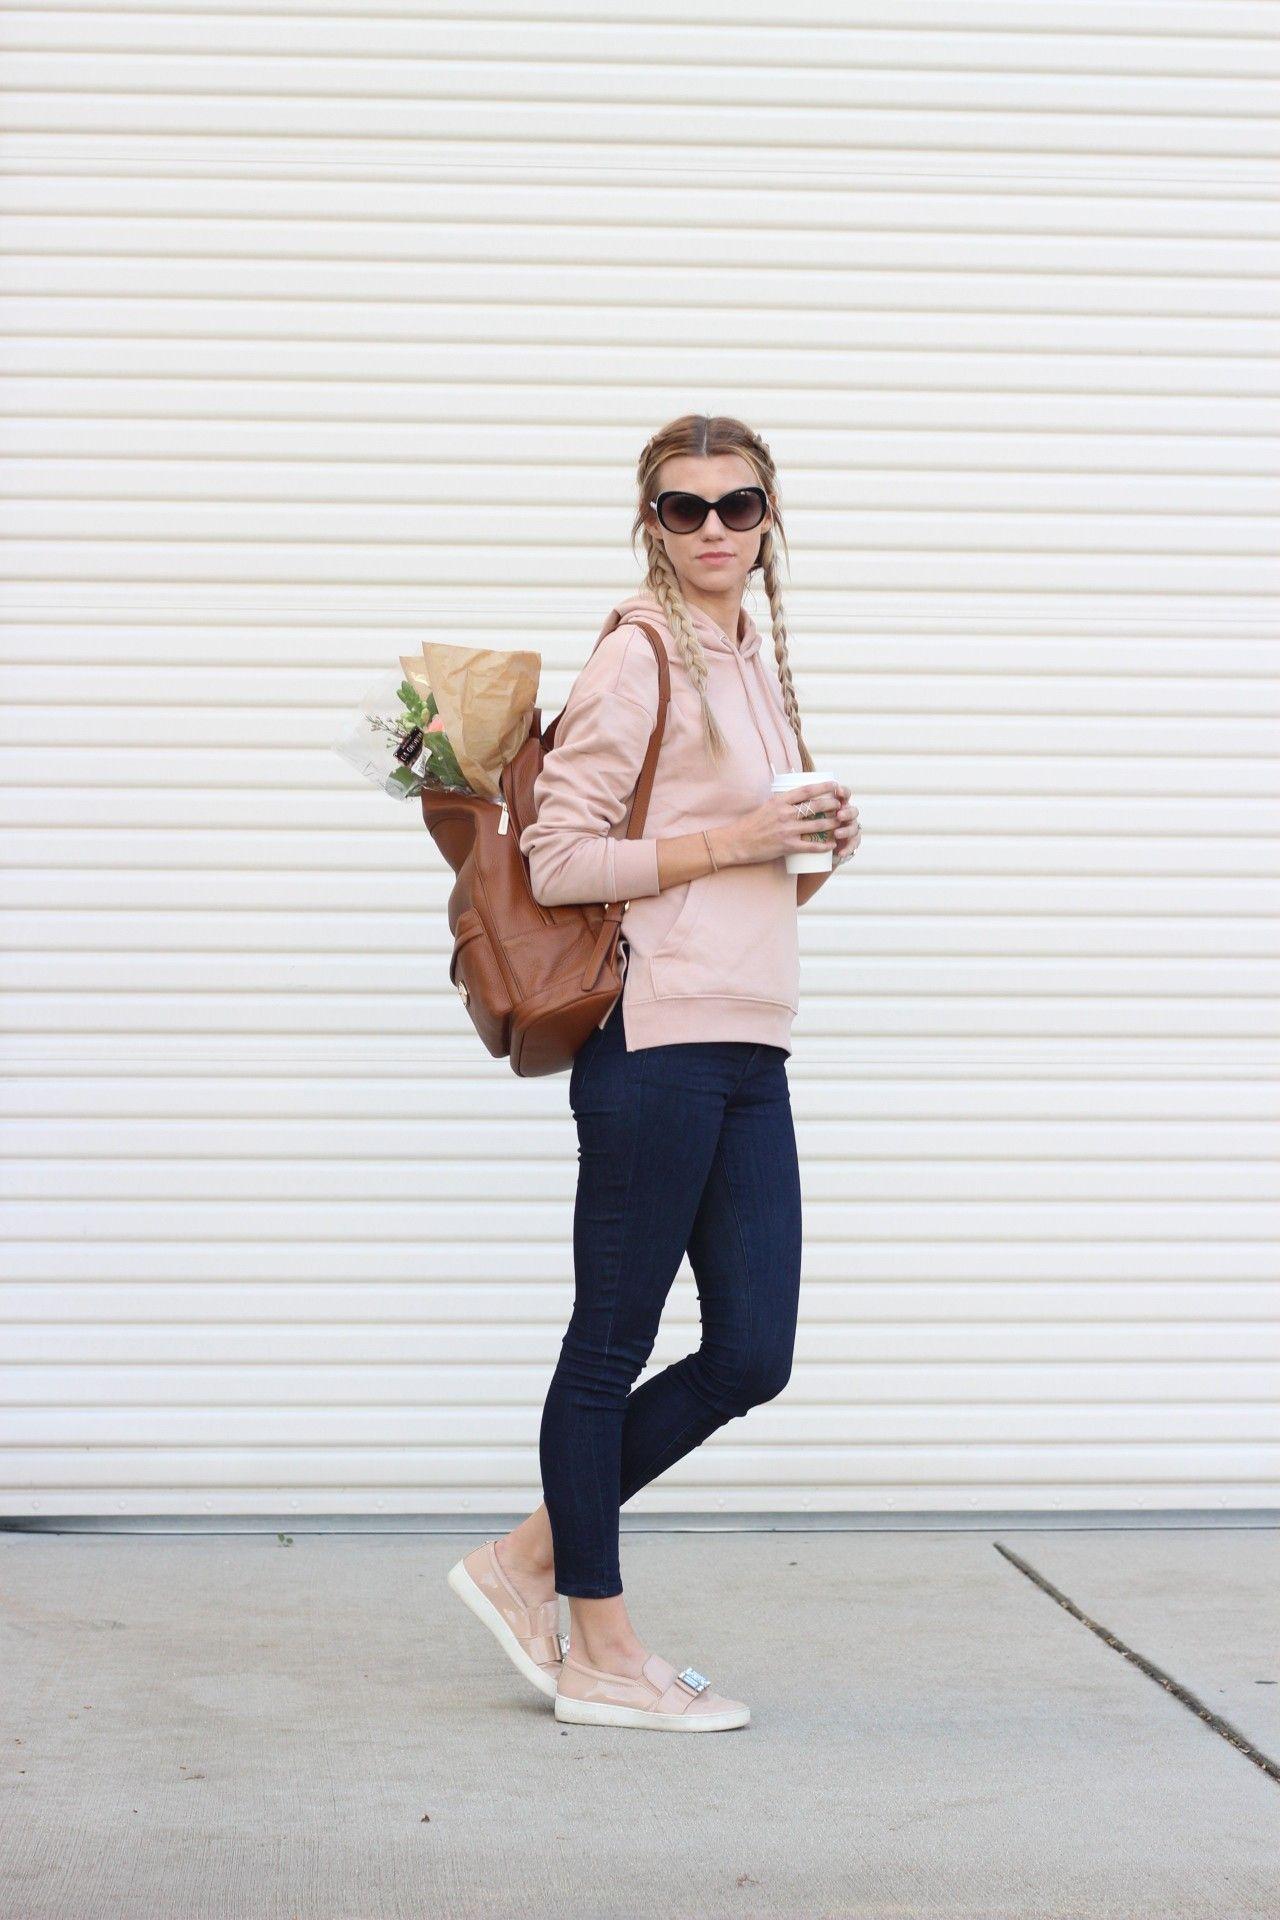 Casual Weekend Outfit: Sweatshirt H&M, Bebe jeans, Michael Kors backpack and sneakers